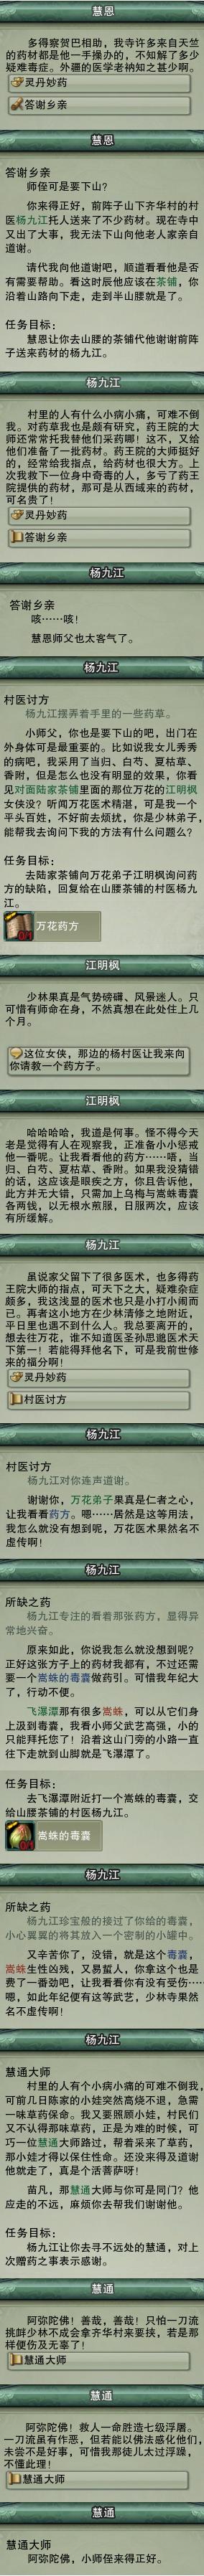 支线任务 - 齐华村 杨九江至慧通的支线.jpg